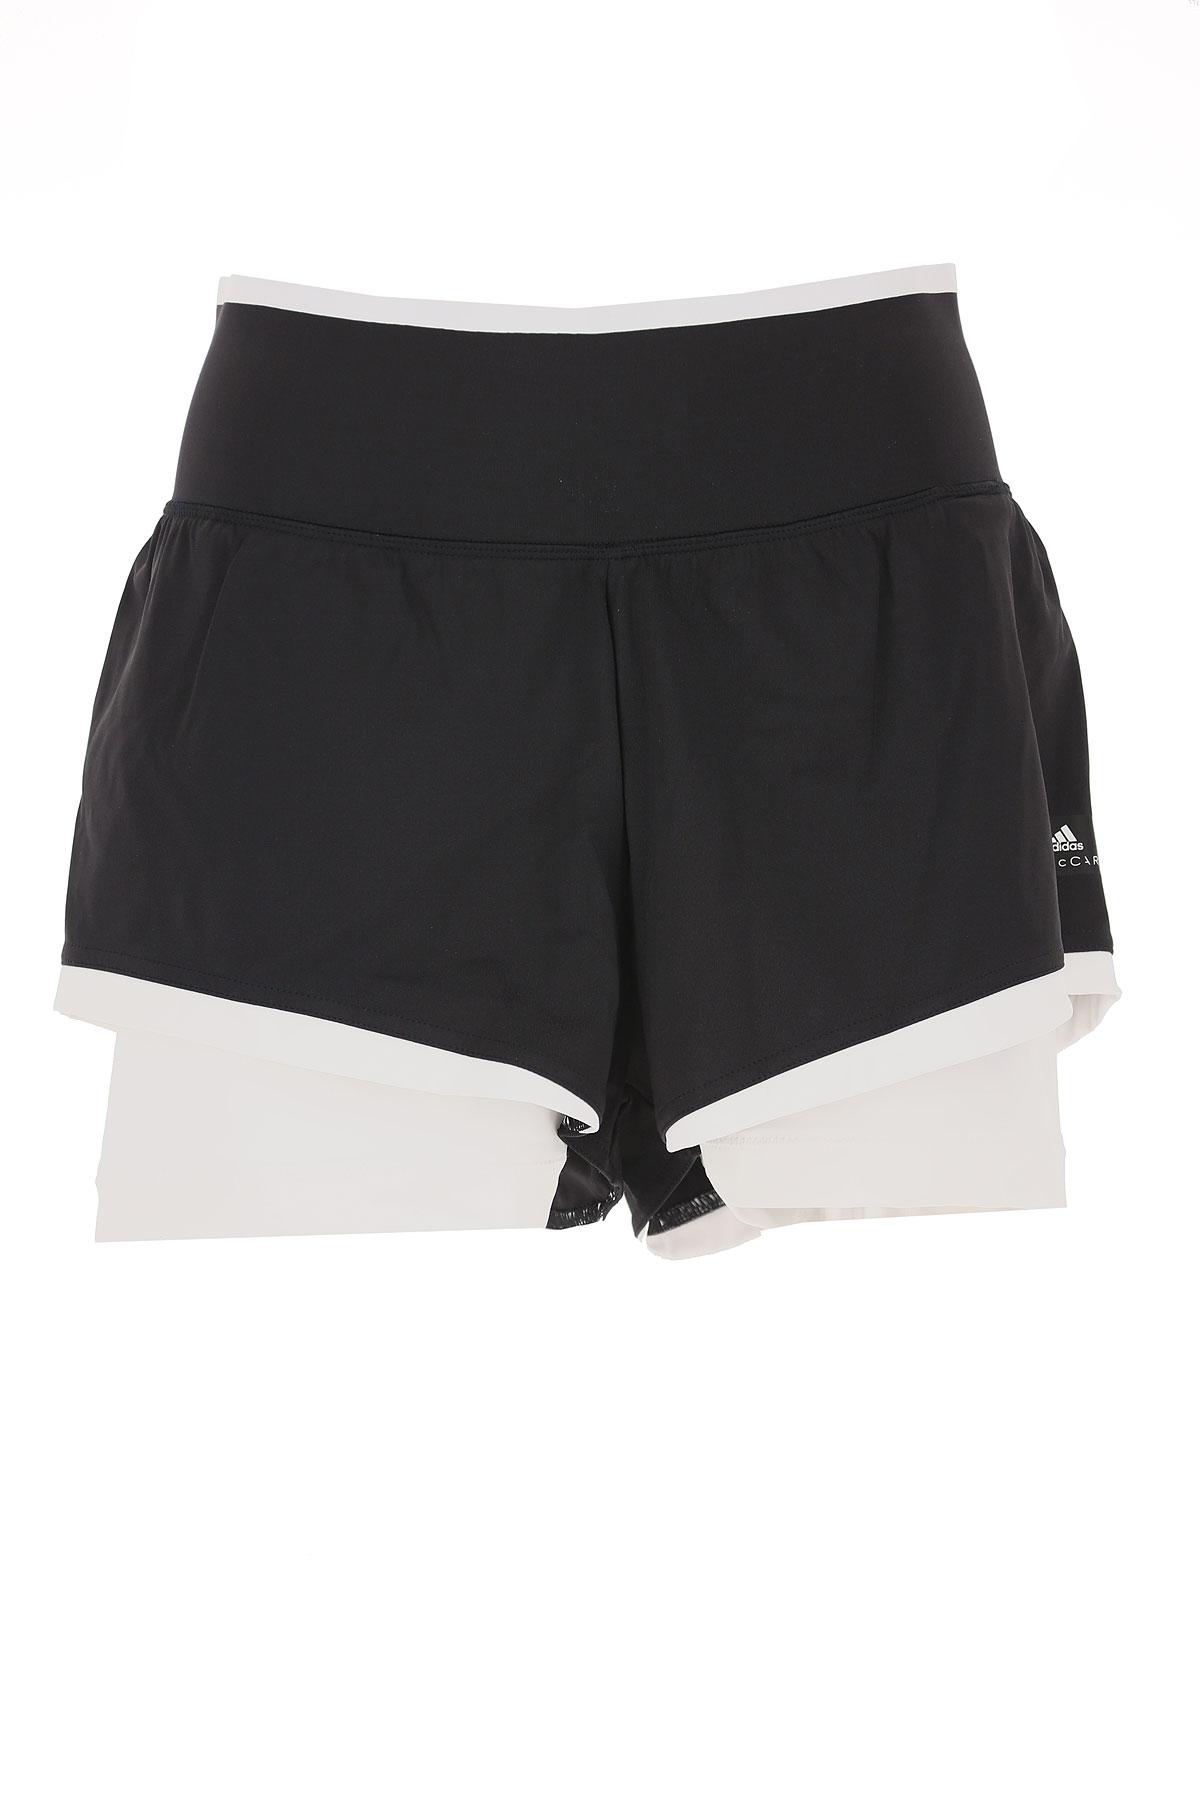 Image of Adidas Shorts for Women On Sale, Black, Nylon, 2017, 2 4 6